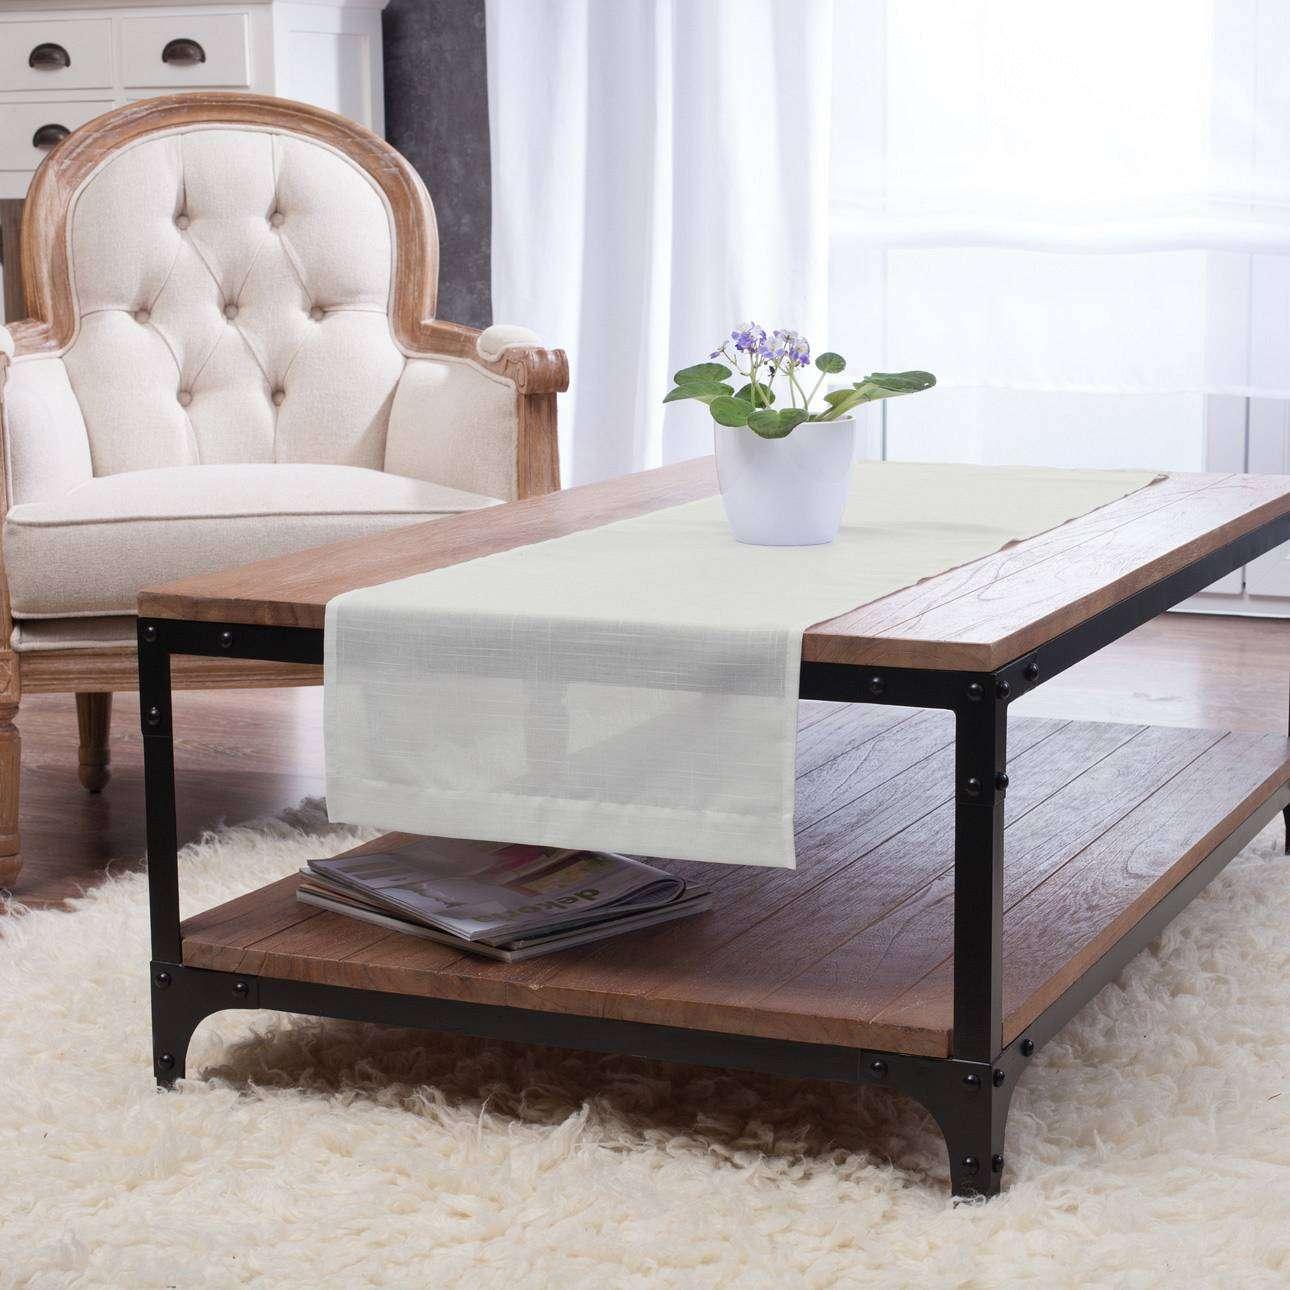 Štóla na stôl V kolekcii Romantica, tkanina: 128-88